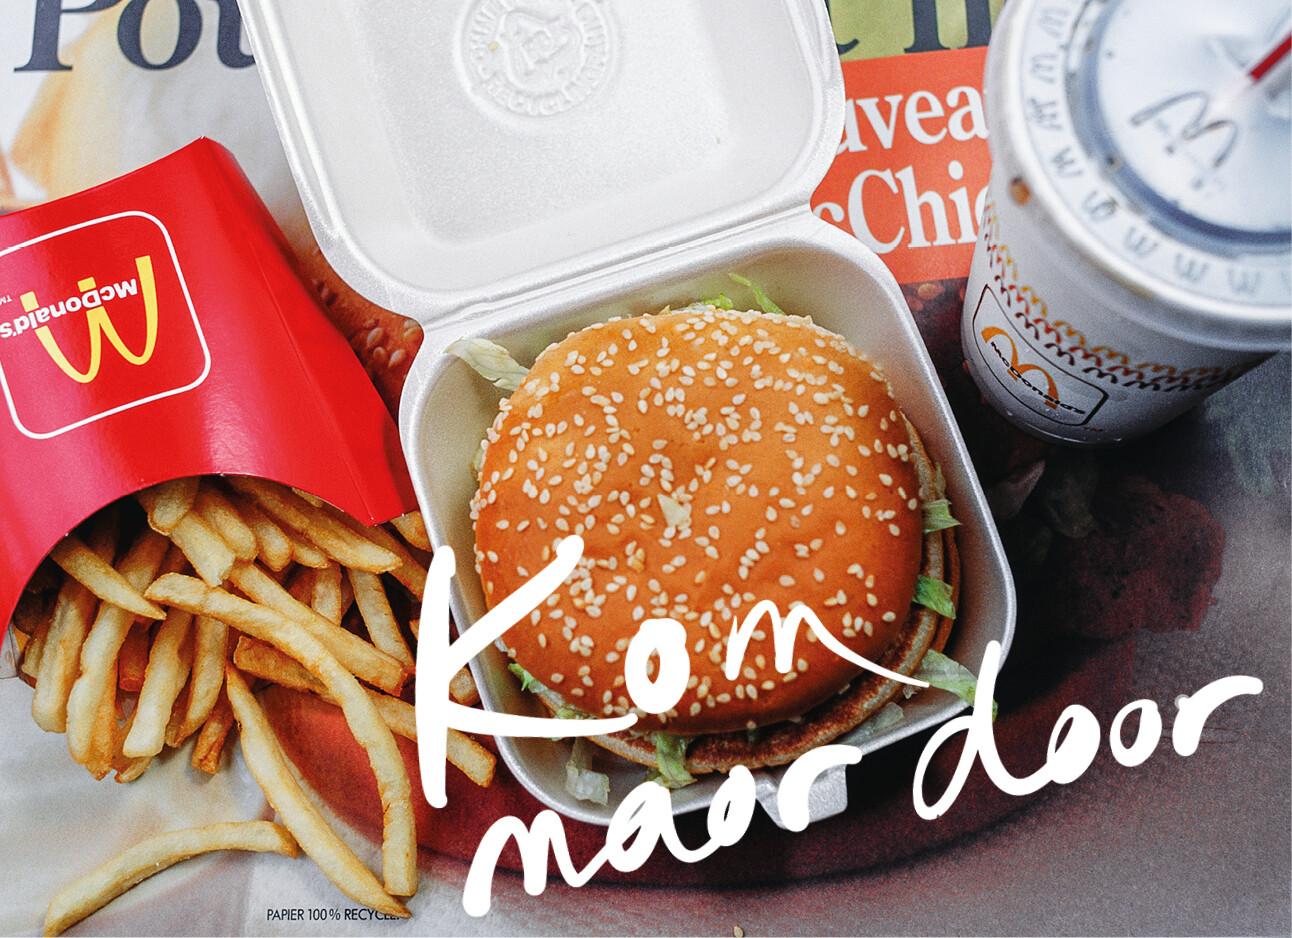 Mac Donalds vegan burger